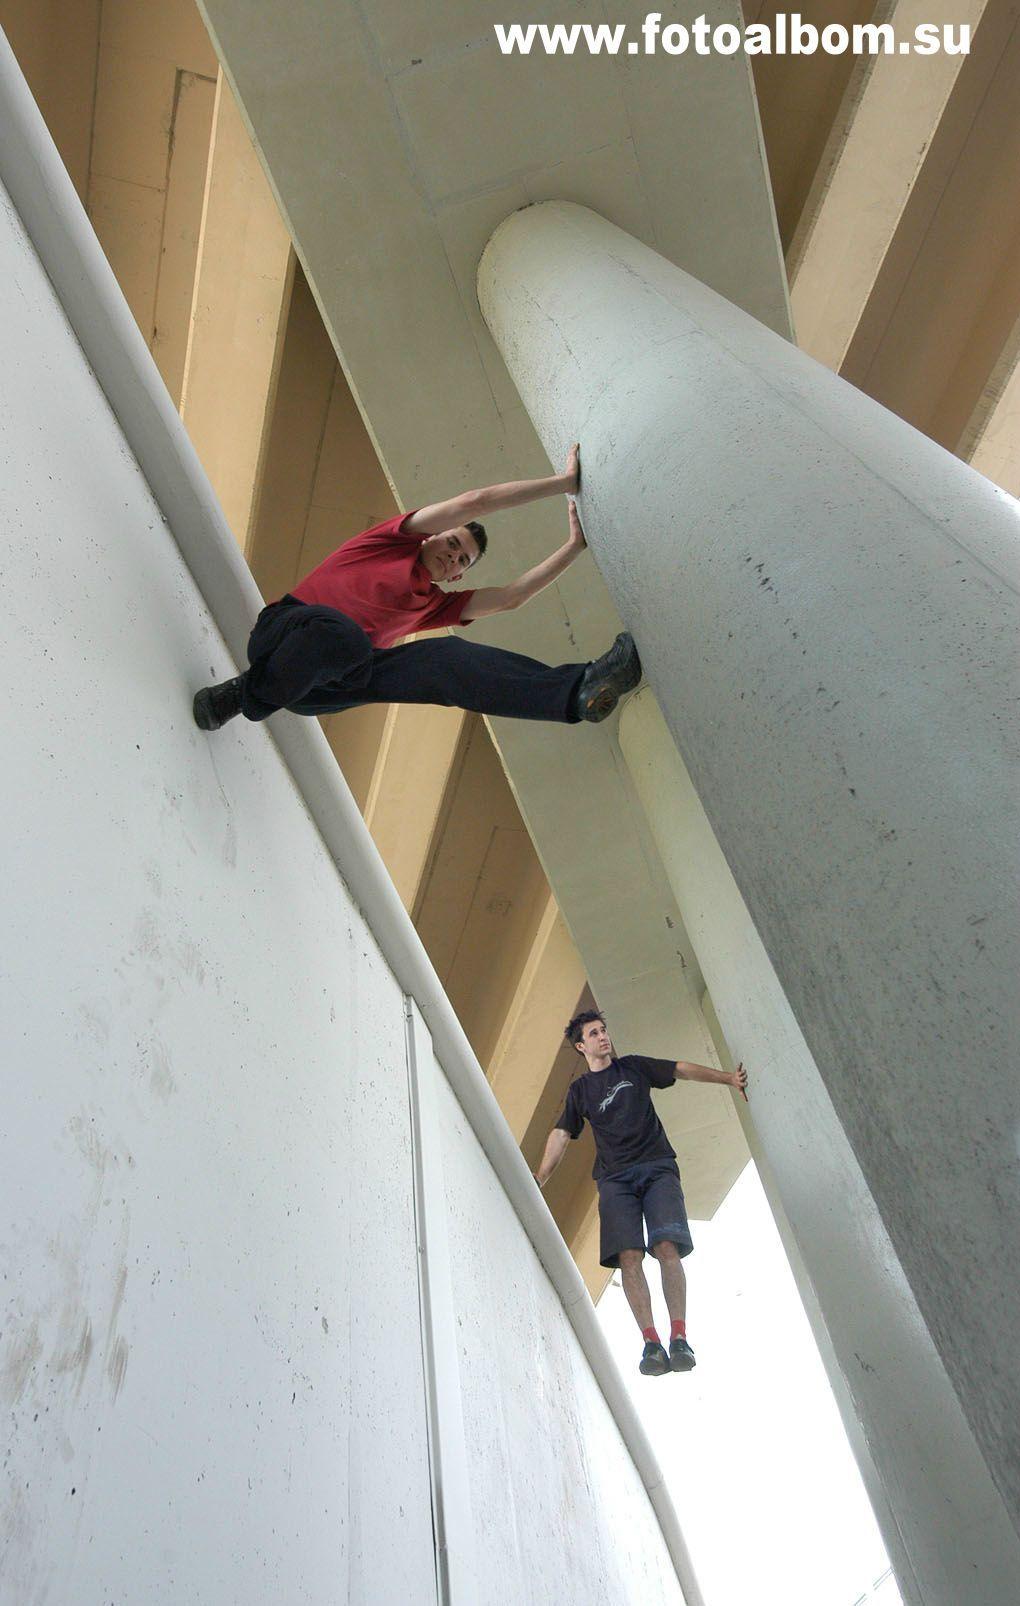 Андрей Дементьев и Олег Краснянский (Parkour Worldwide Association) в распорке